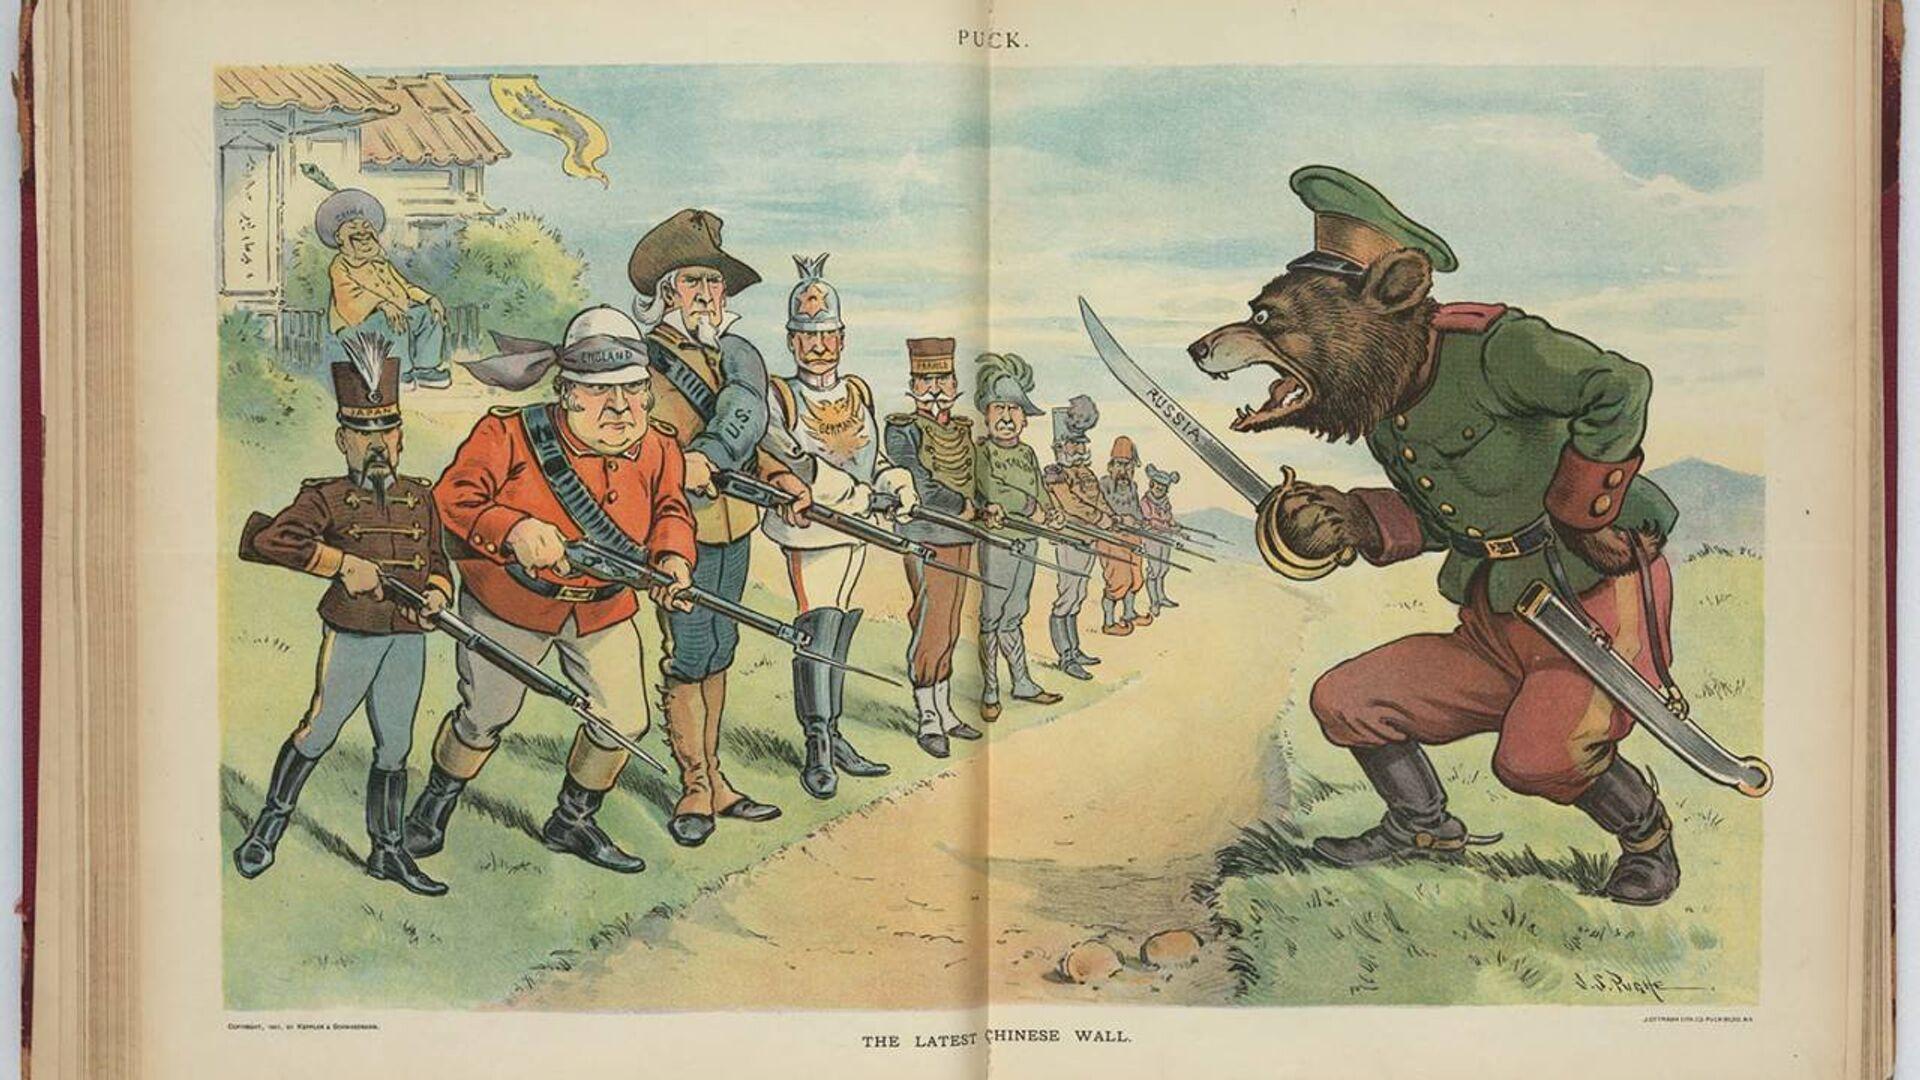 Иллюстрация Последняя китайская стена в американском сатирическом журнале Puck - РИА Новости, 1920, 17.08.2020